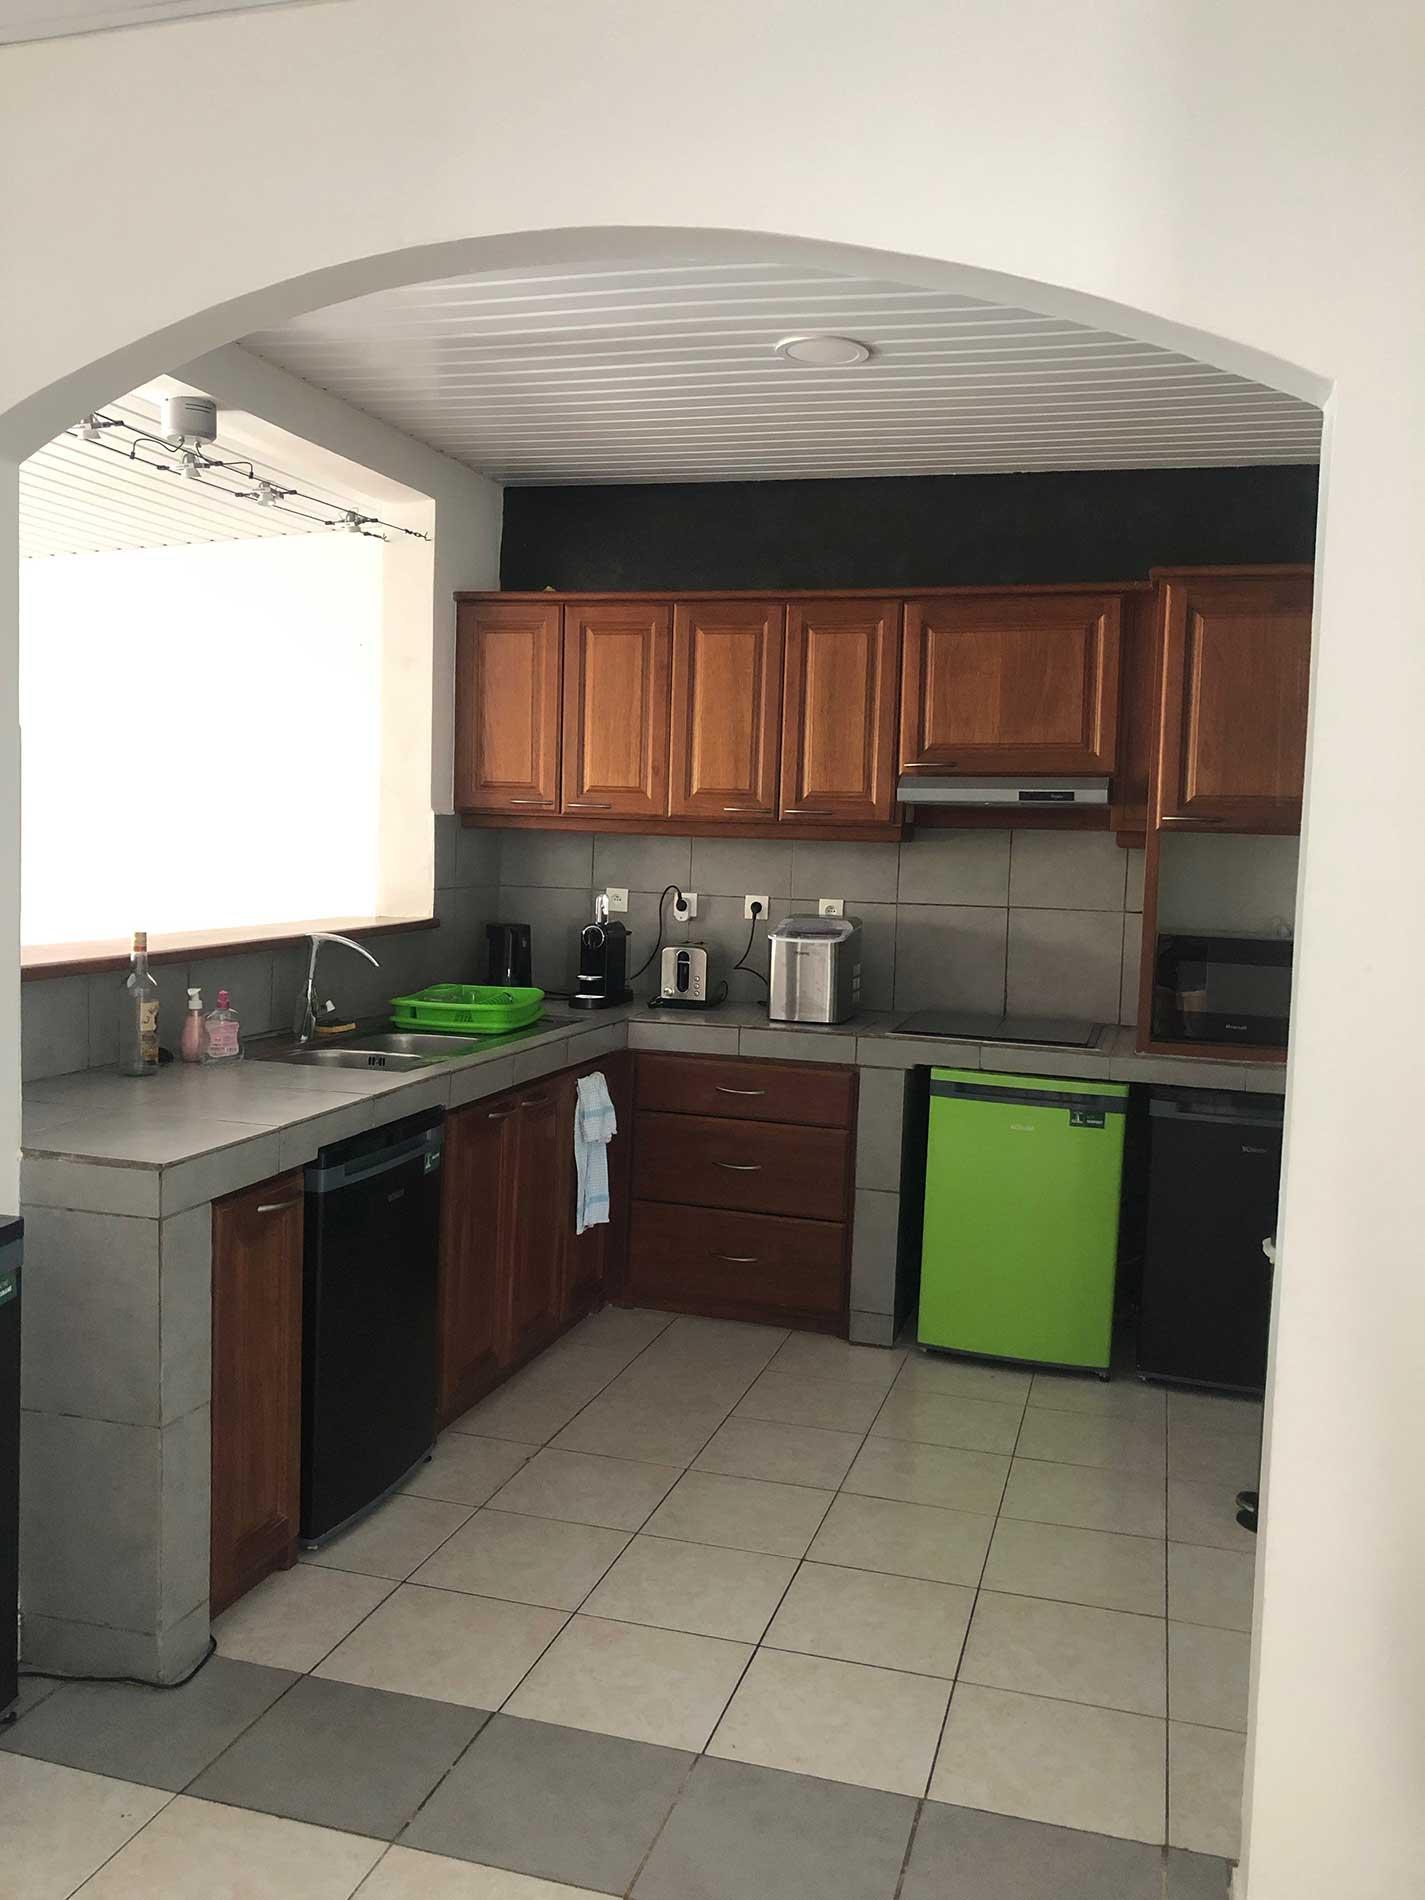 Photo de la cuisine où l'on voit les quatre frigos individuels, les nombreux placards, l'évier, le très grand plan de travail, la machine à glaçons, la nespresso, la bouilloire...